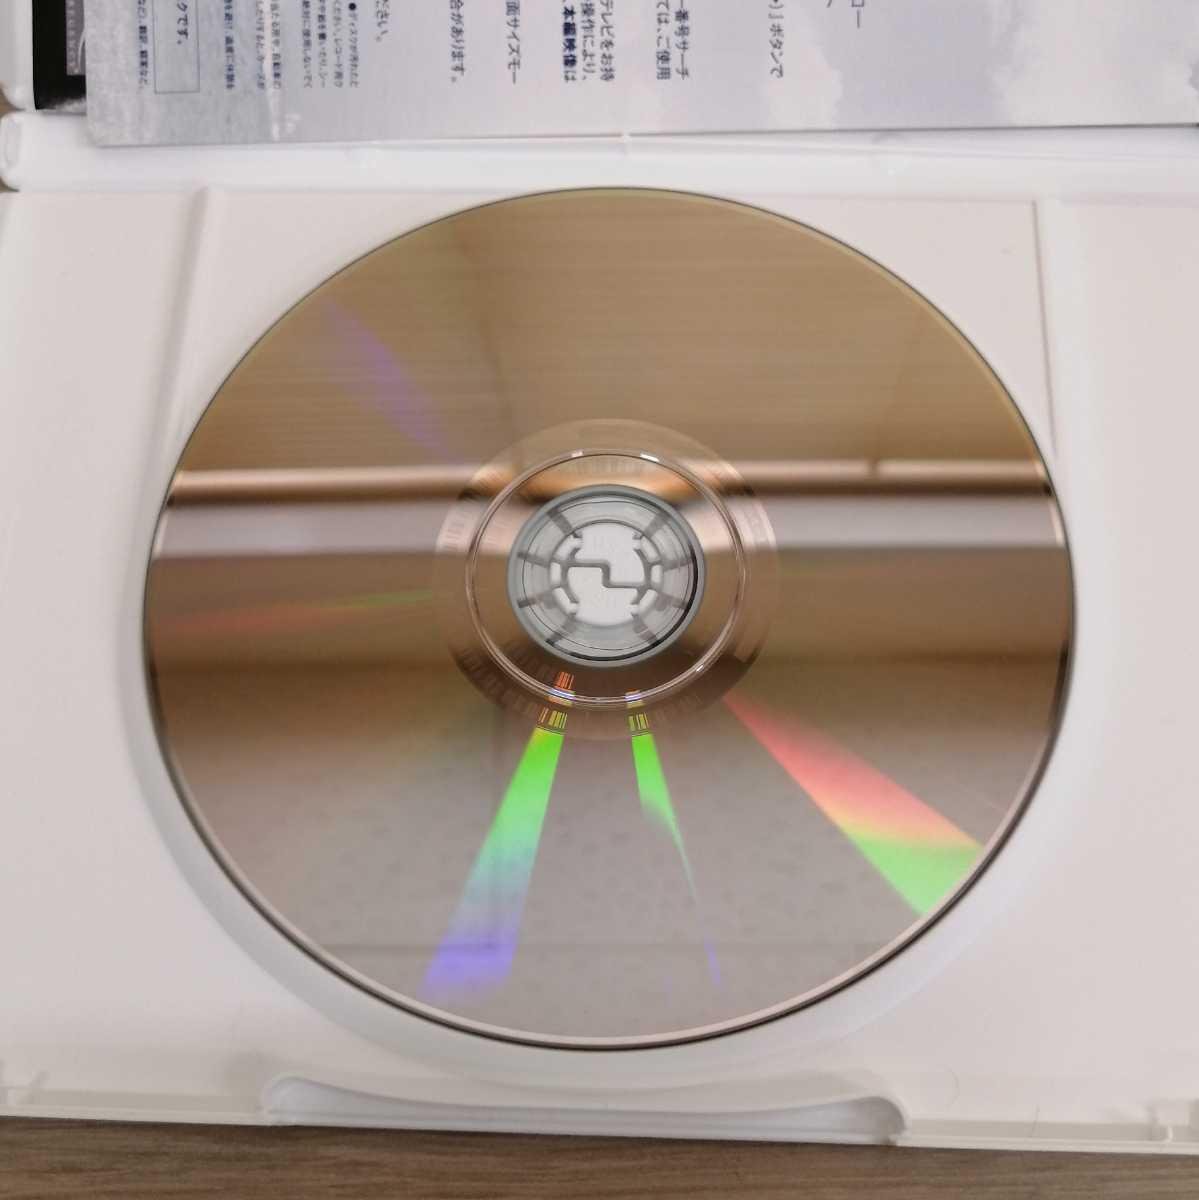 【セル版】「トンケの蒼い空 デラックス版('03韓国)」DVD トンケの蒼い空 チョン・ウソン トンケの青い空〈日本語吹替/字幕〉即決送料込